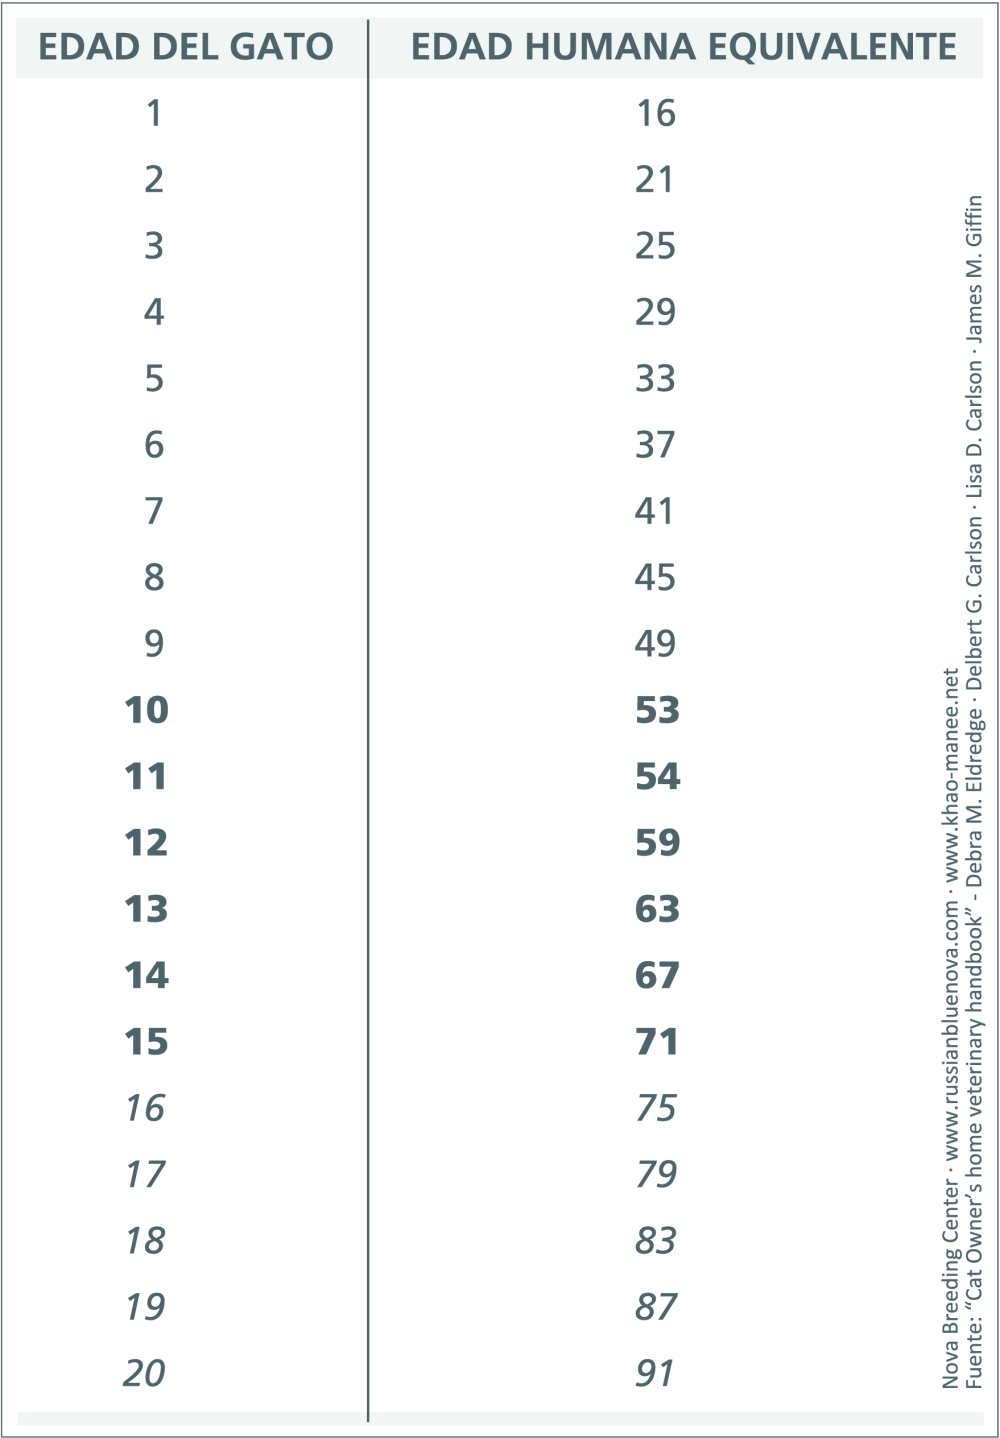 edad gatos tabla equivalencias humanos